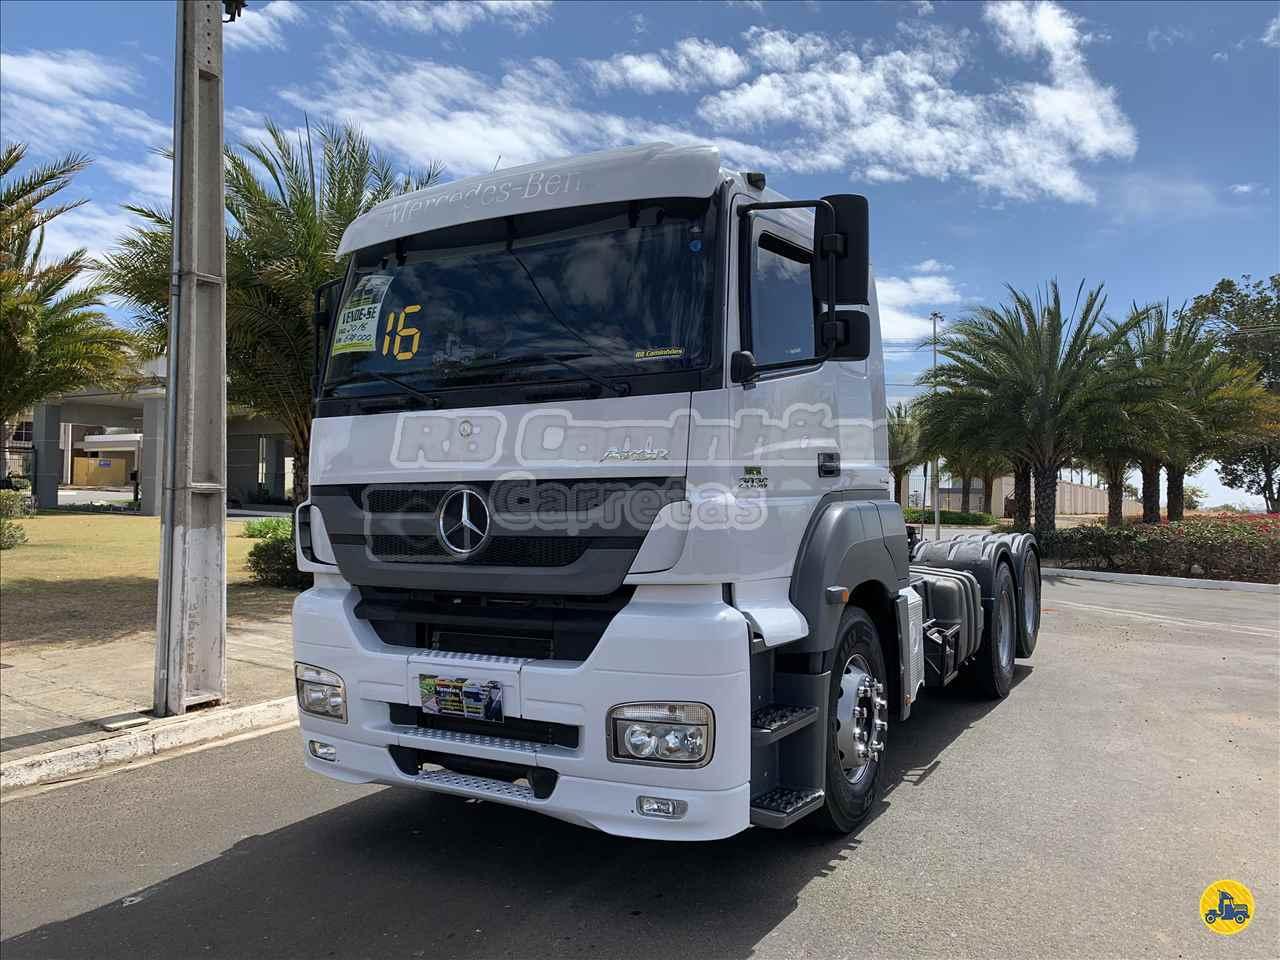 CAMINHAO MERCEDES-BENZ MB 2036 Cavalo Mecânico Truck 6x2 RB Caminhões e Carretas SAO SEBASTIAO DO PARAISO MINAS GERAIS MG